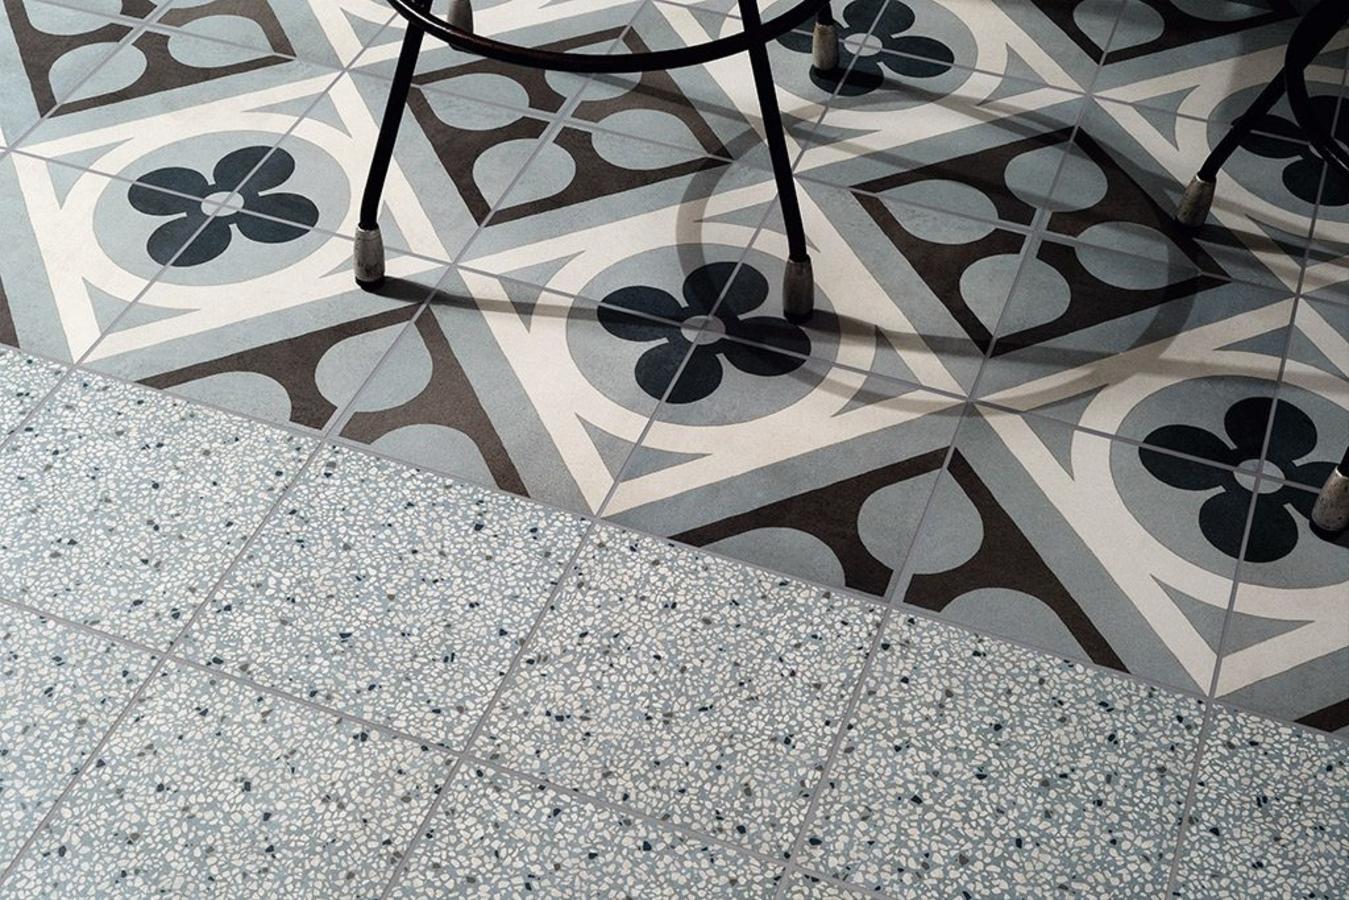 Fioranese Cementine Retro 6, Badezimmer, Öffentliche Räume, Küche, Stil